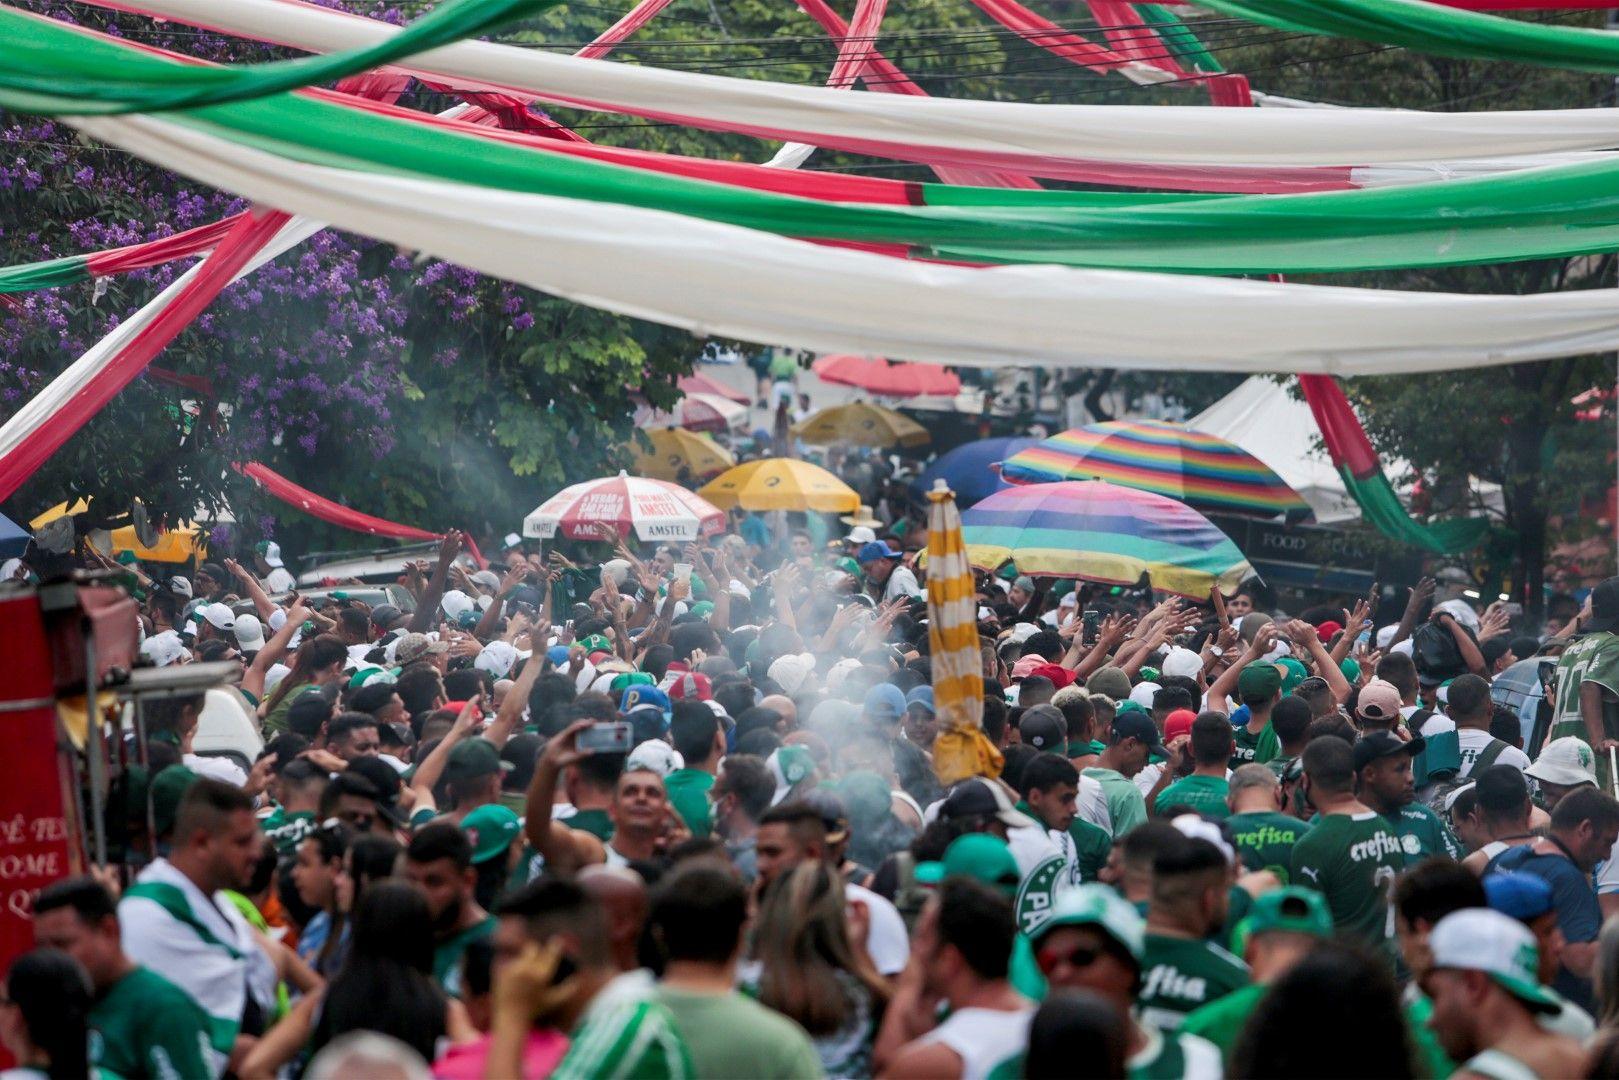 Карнавал със сълзи, но от радост - няколко огромни квартала на многомилионния Сао Пауло бяха изцяло в зелено около мача, а след победата на Палмейрас настана еуфория